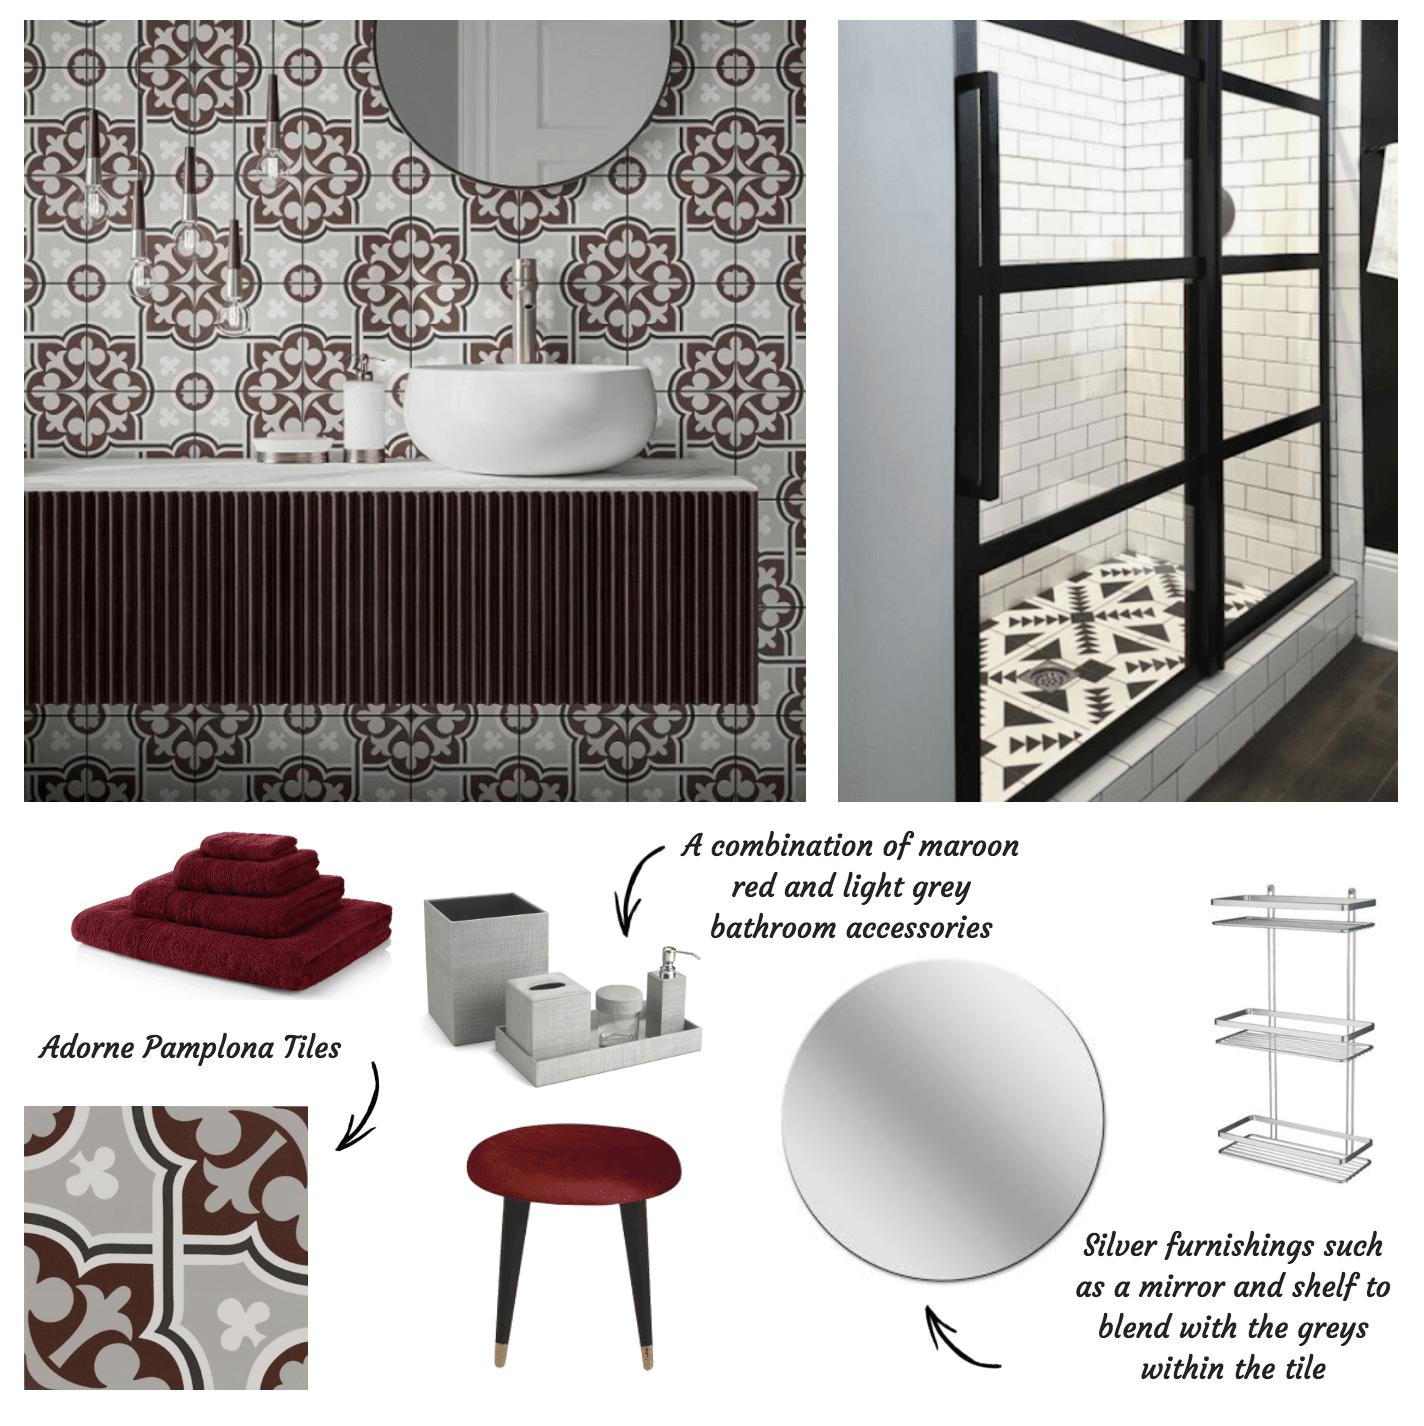 Adorne Pamplona Tiles from Tile Giant